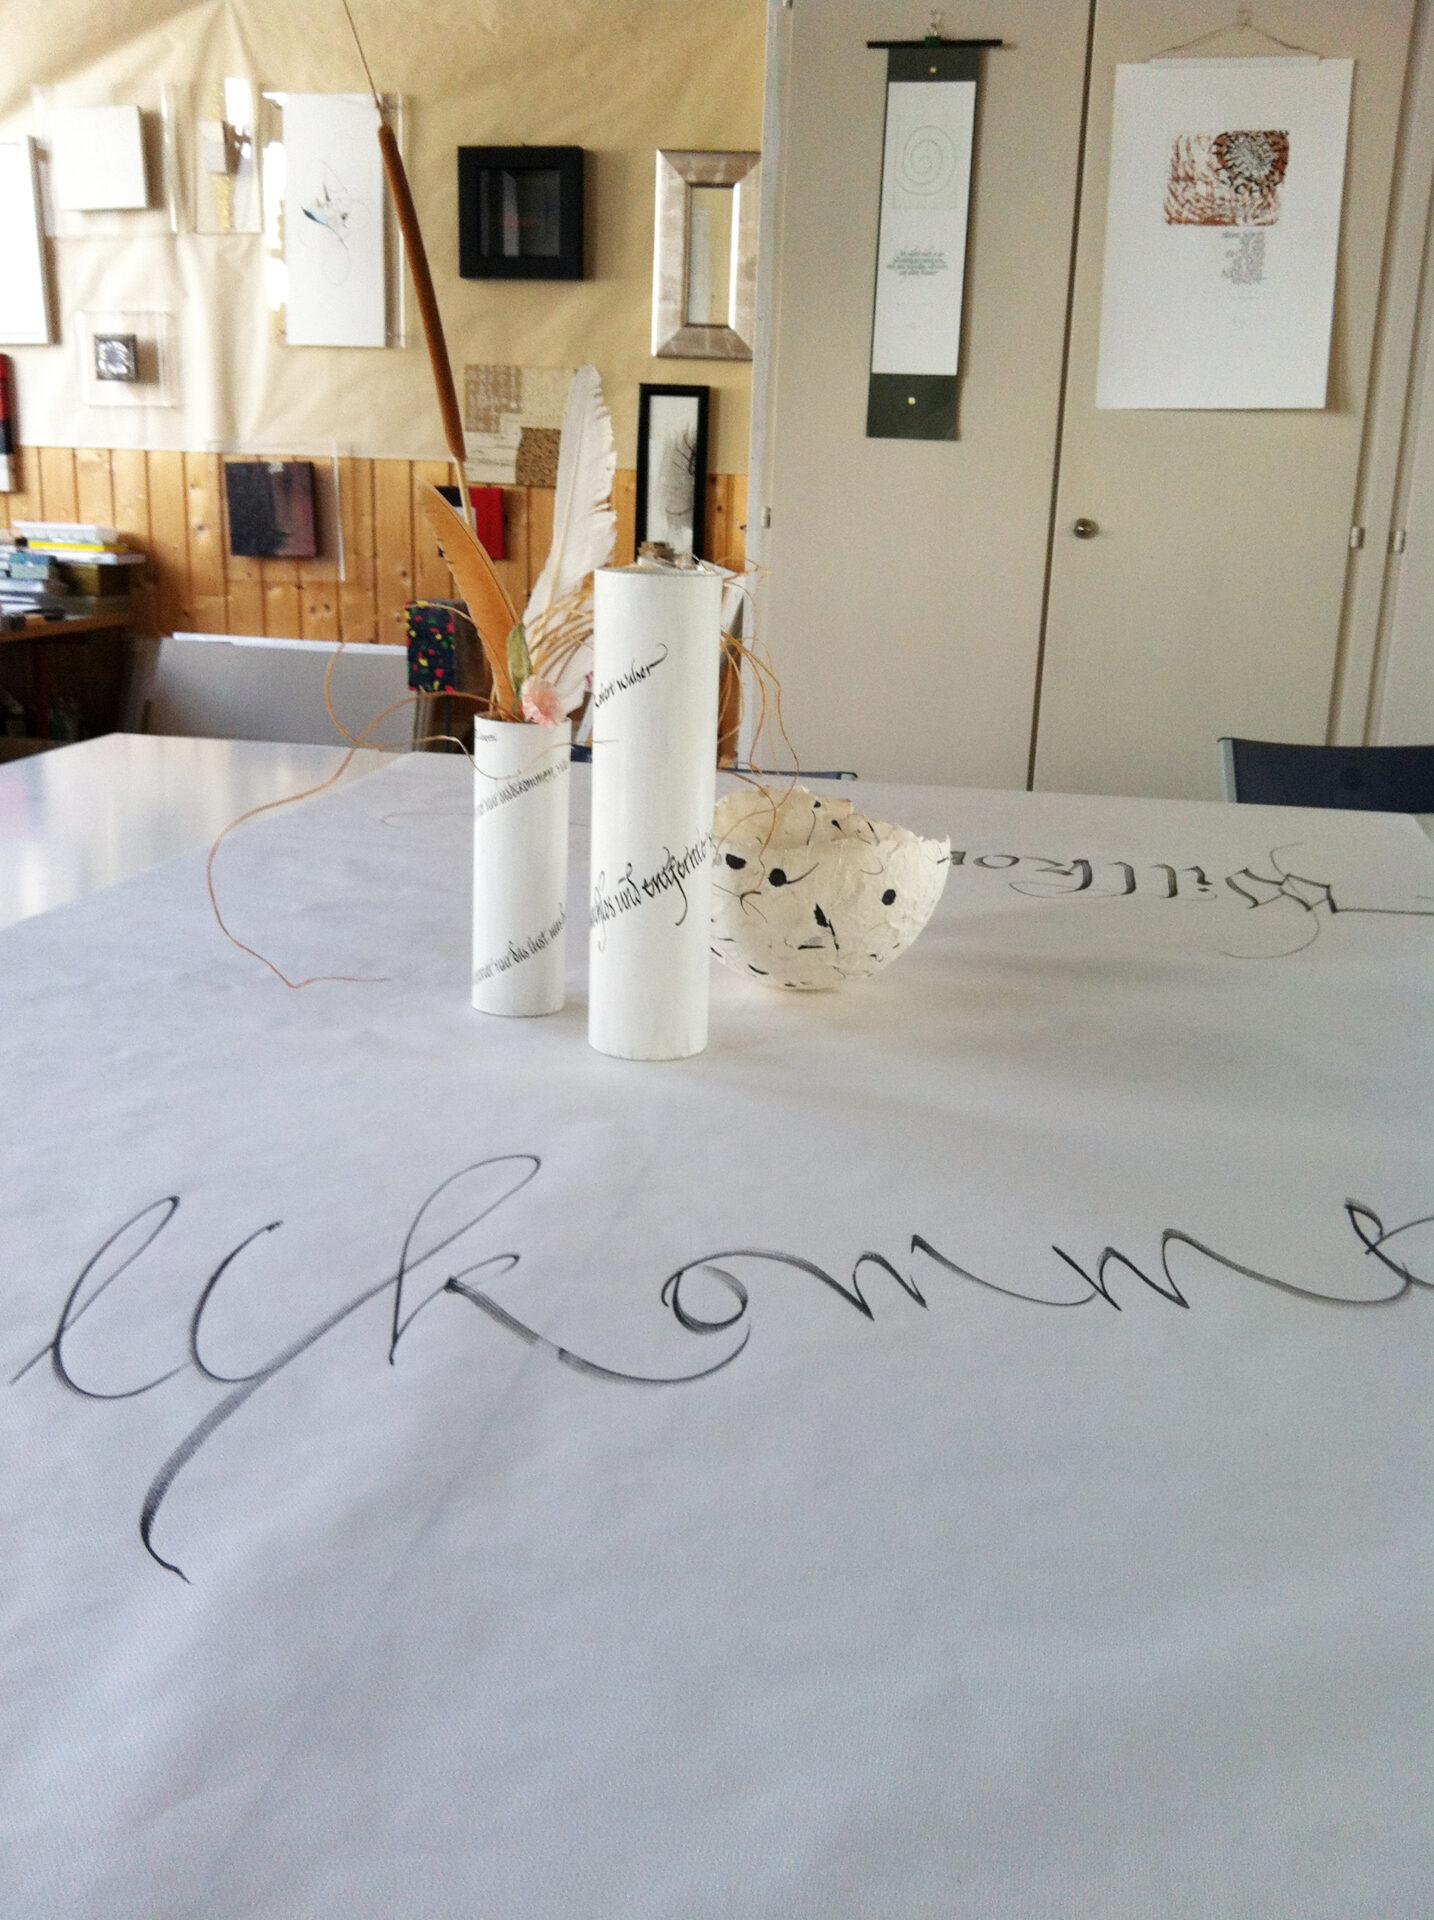 Kalligraphie-Atelier Annikki Rigendinger